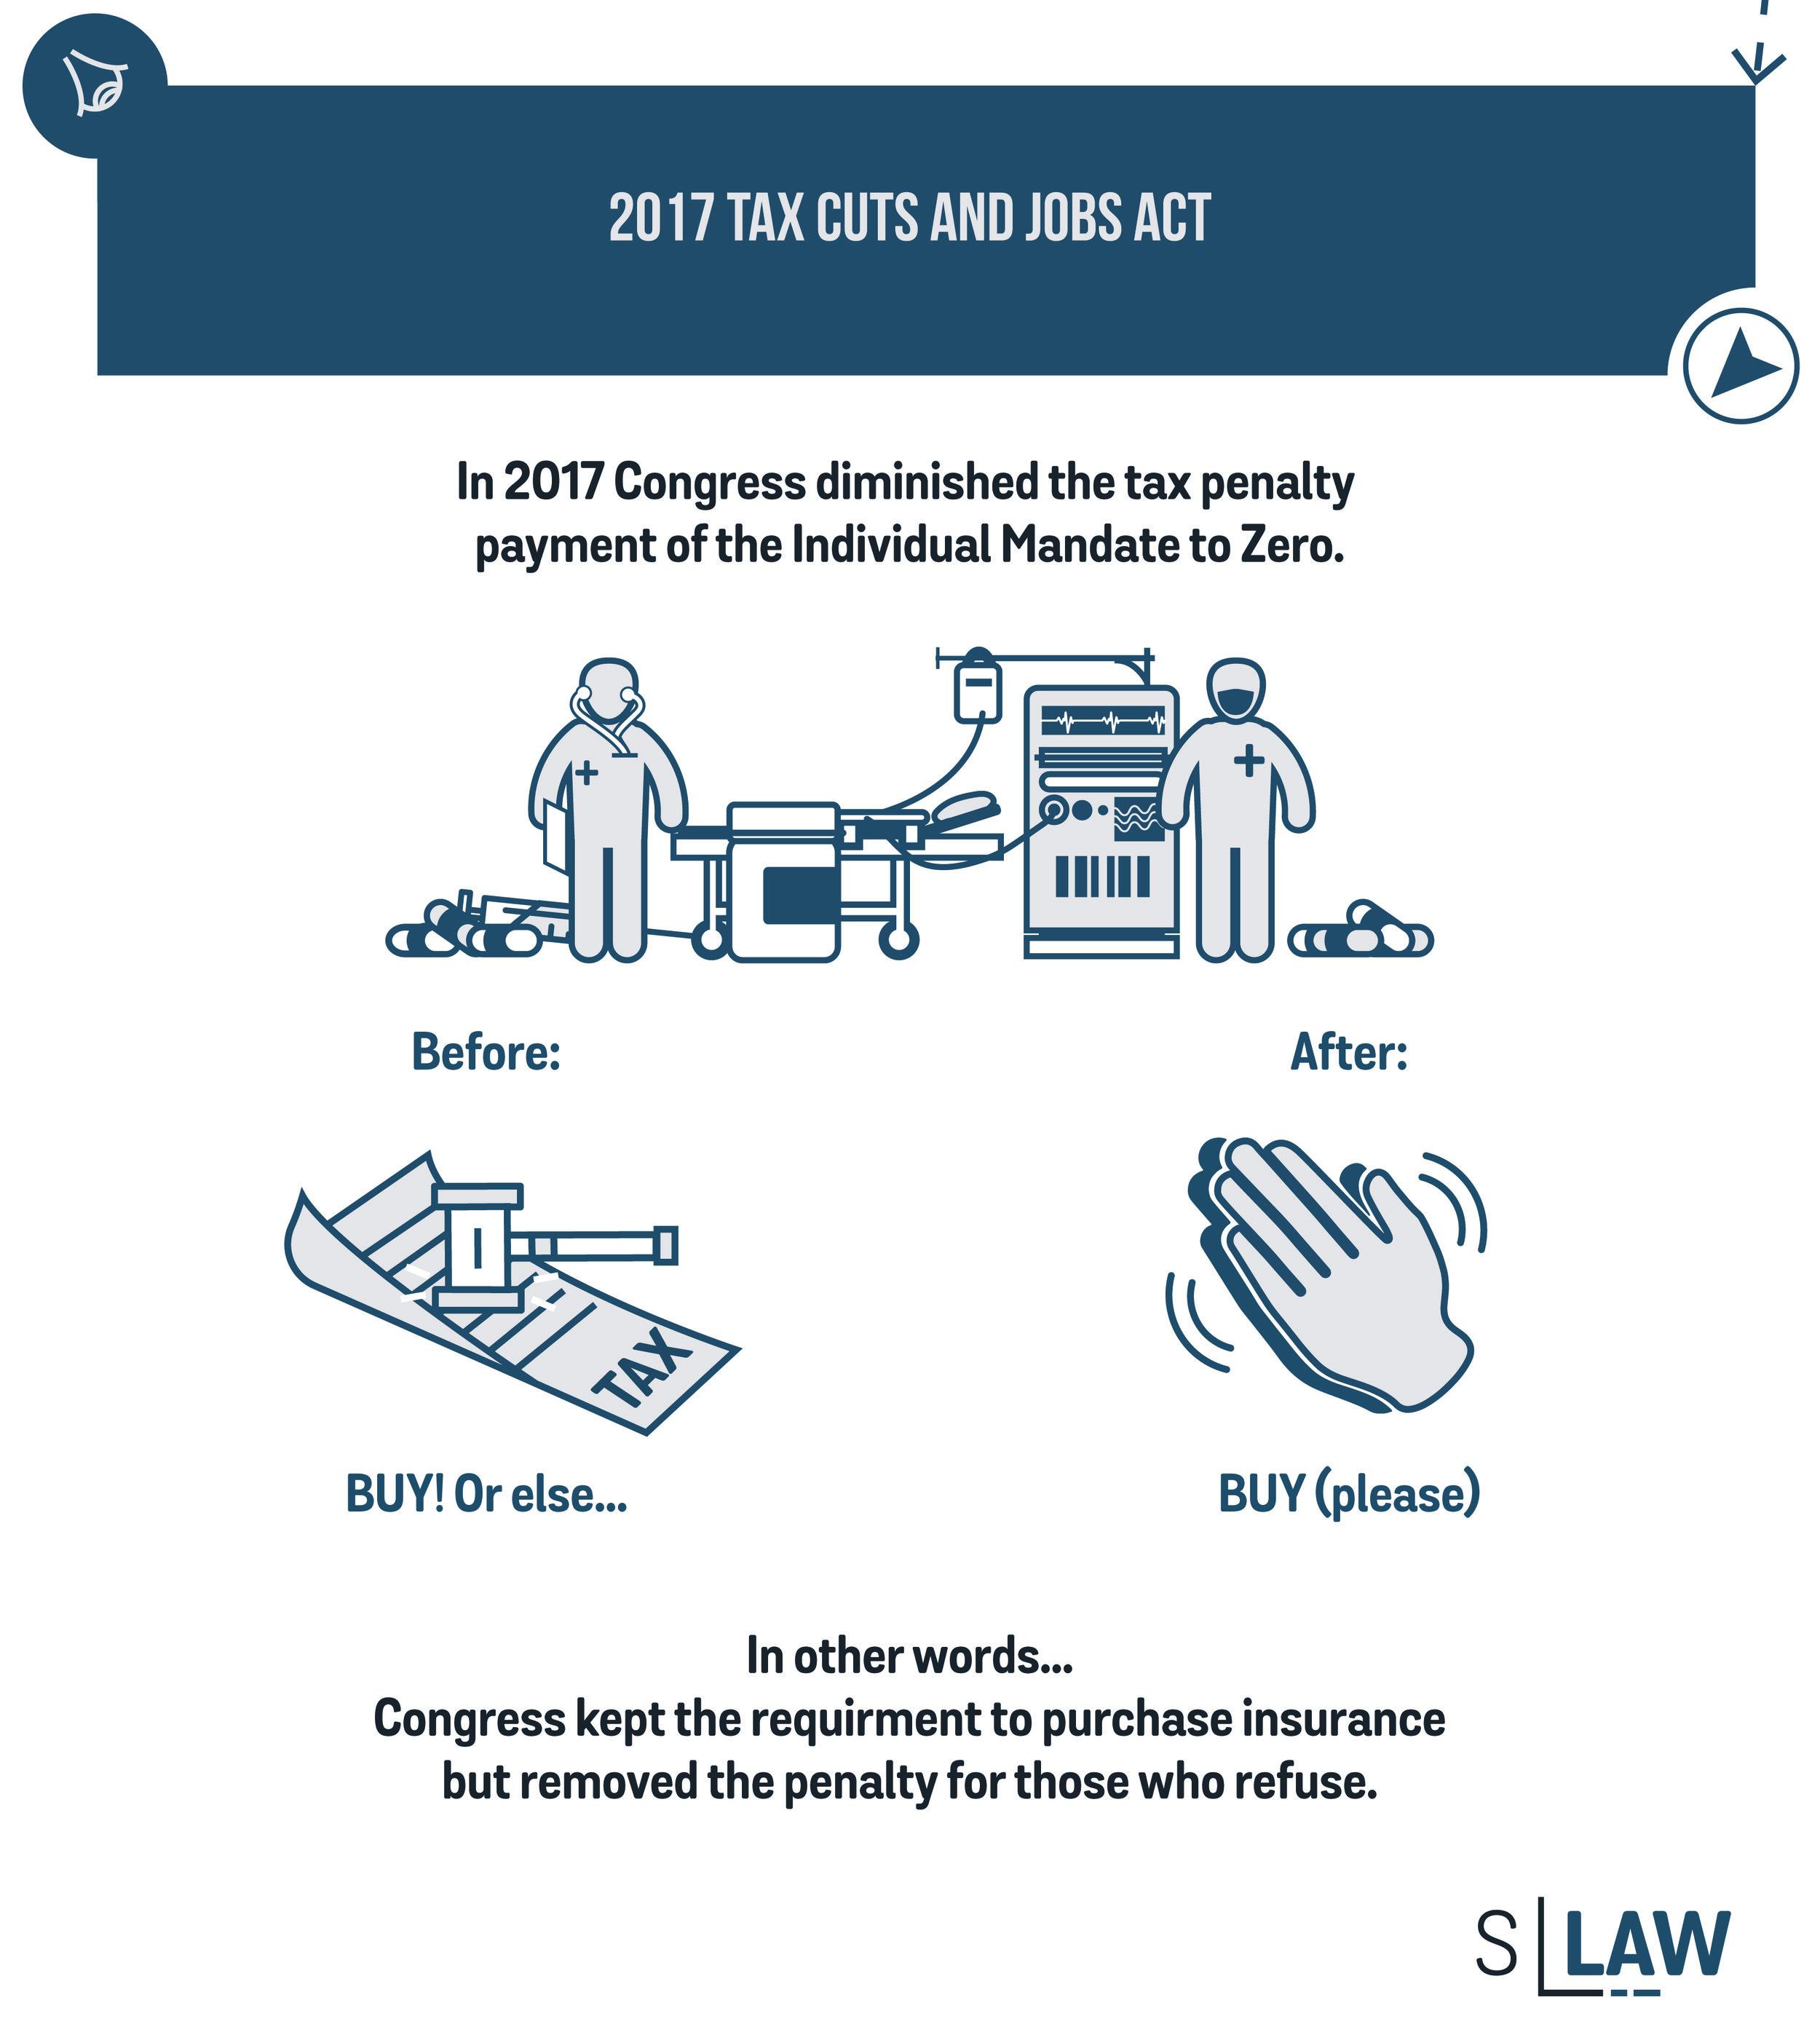 ACA Challenge - 2017 Taxx Cuts_final_300ppi.jpg